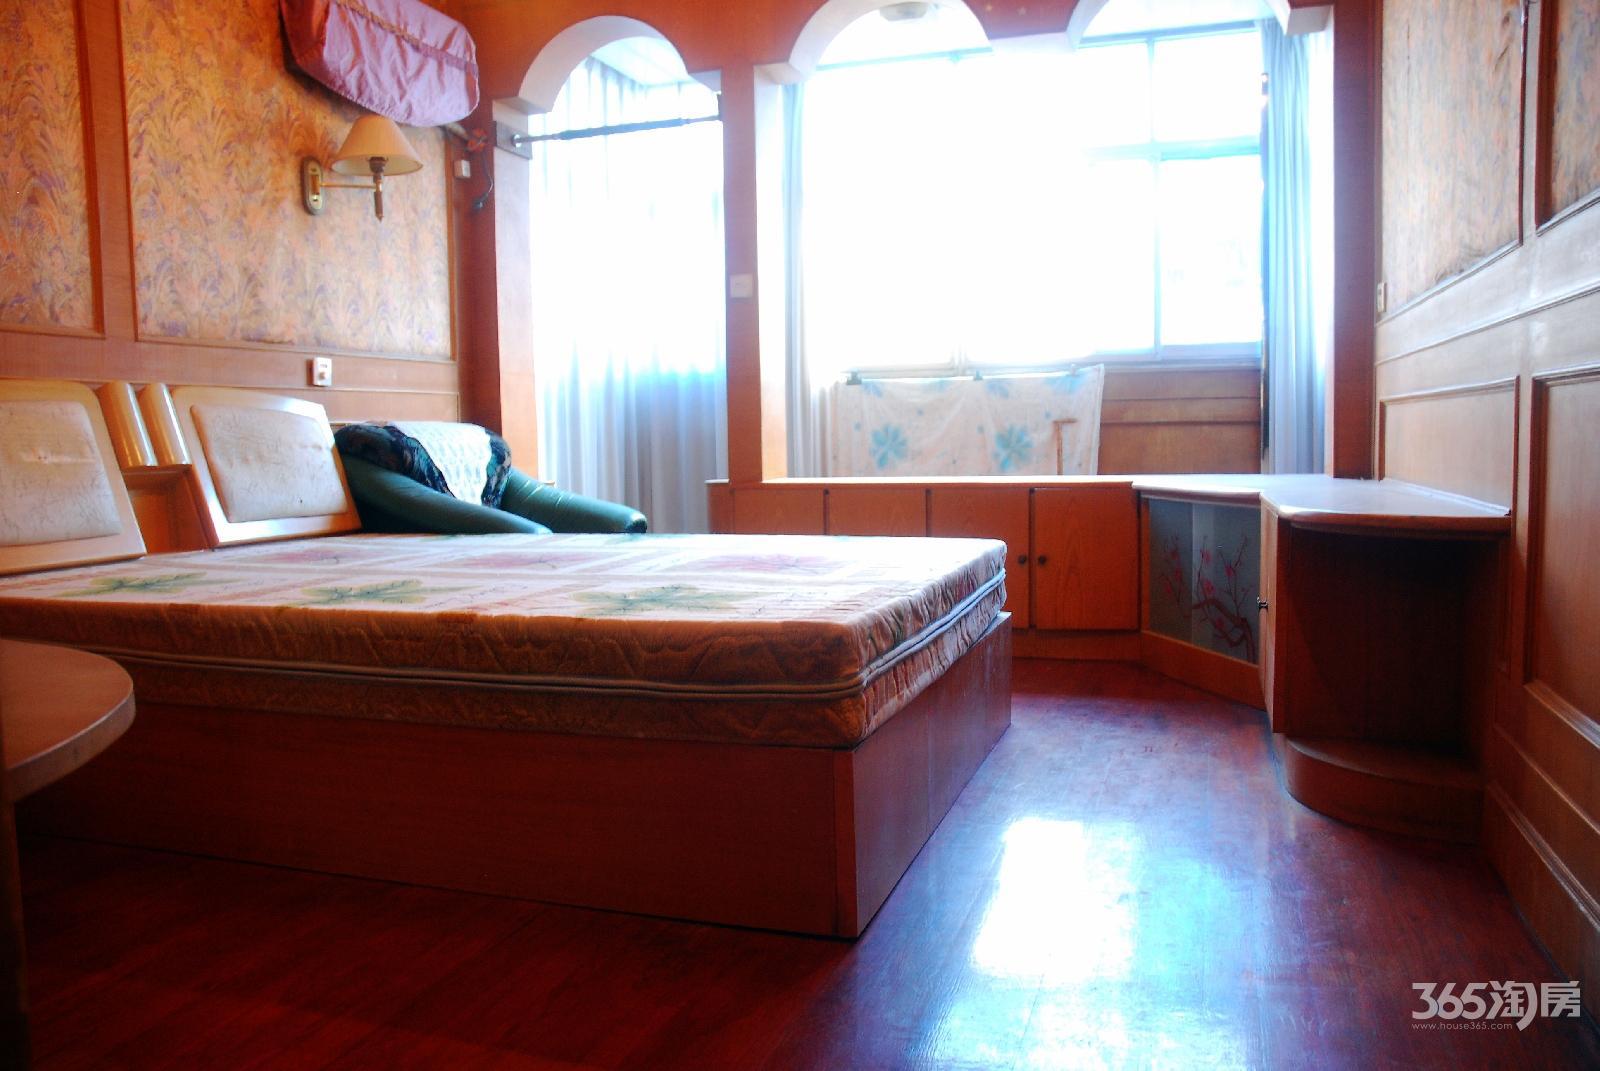 莱茵达路29号3室2厅1卫92平方学区房实际面积大价格可谈